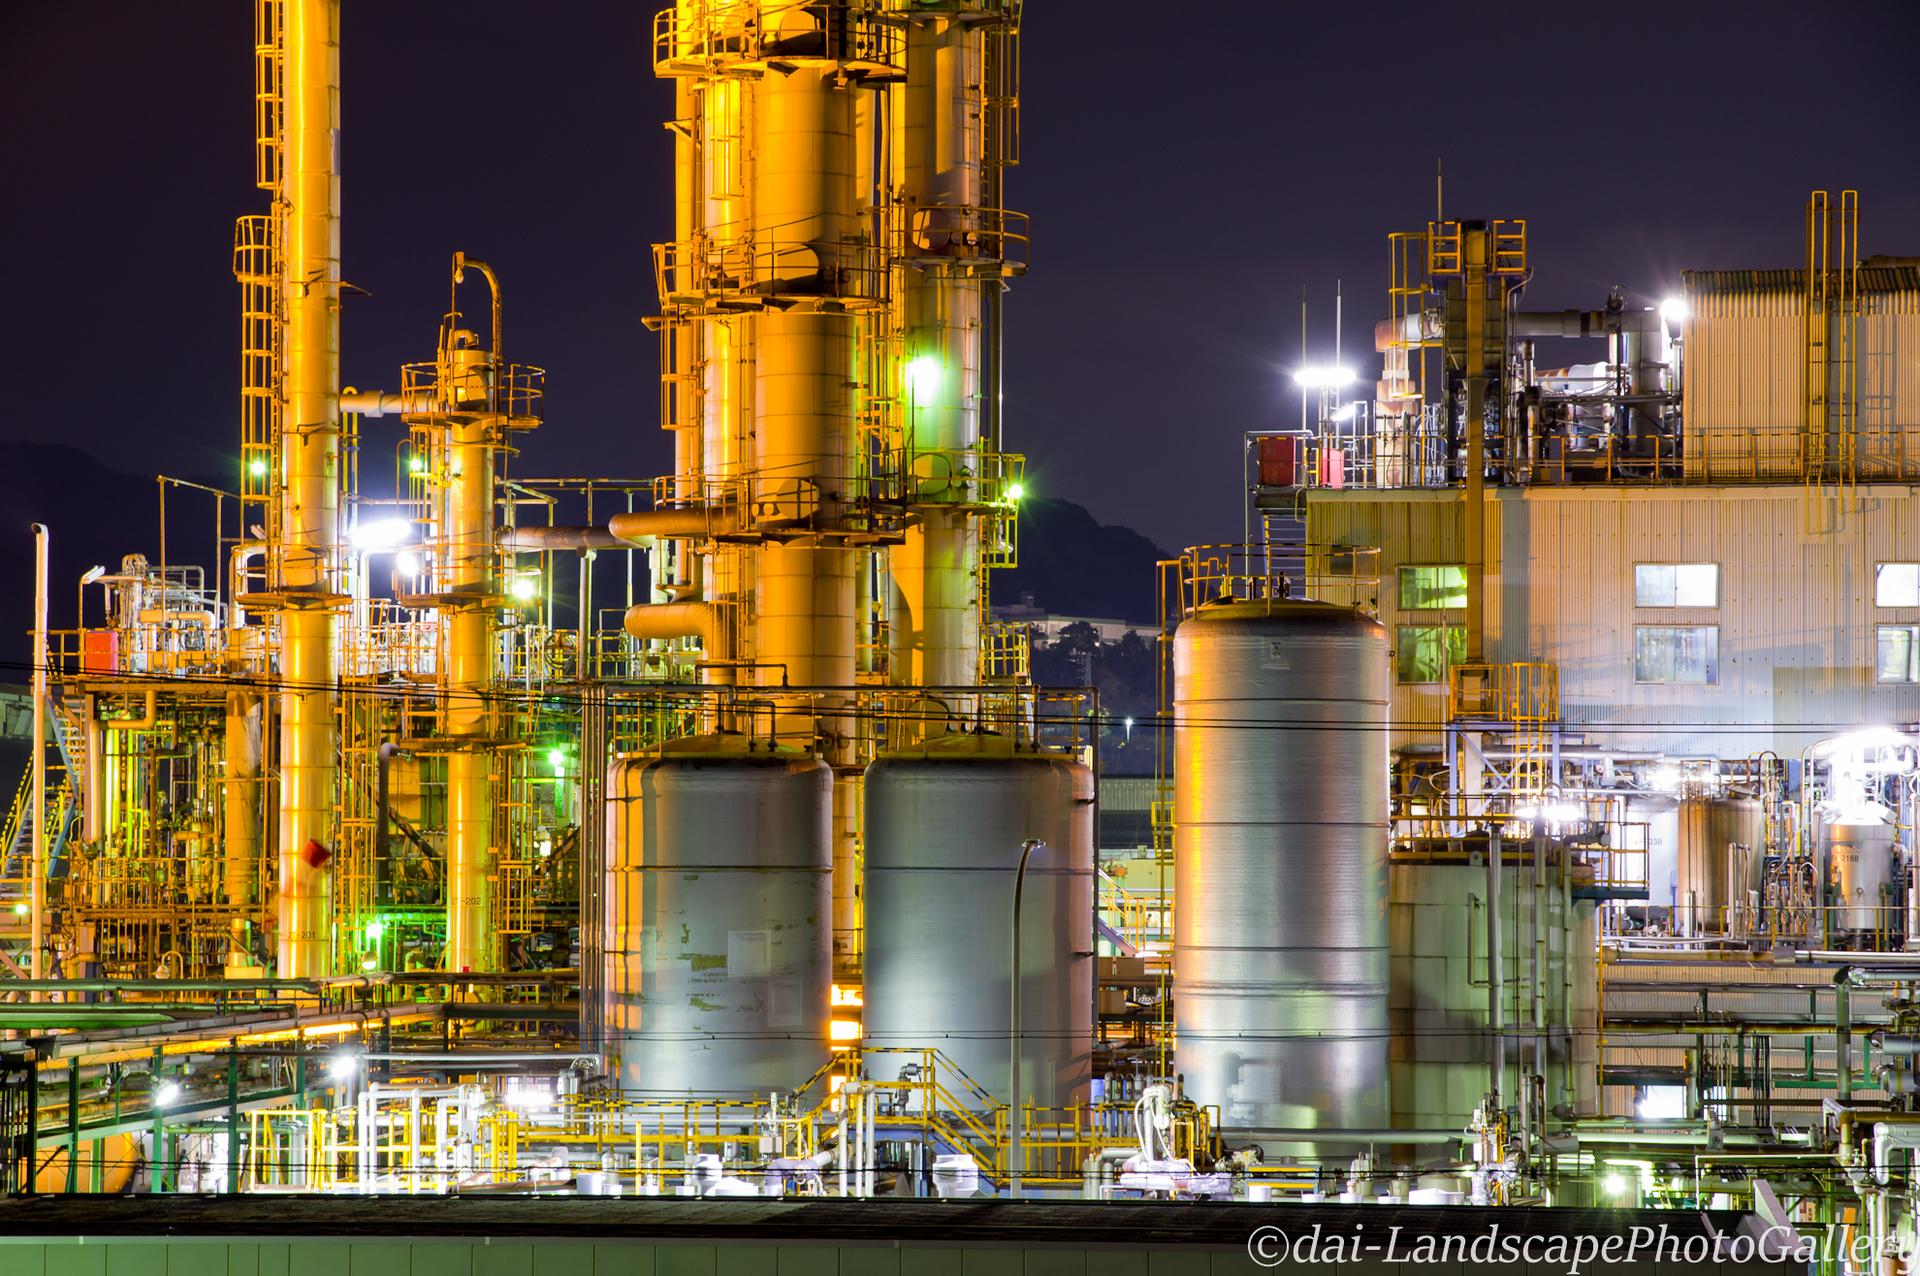 イハラニッケイ化学工場夜景